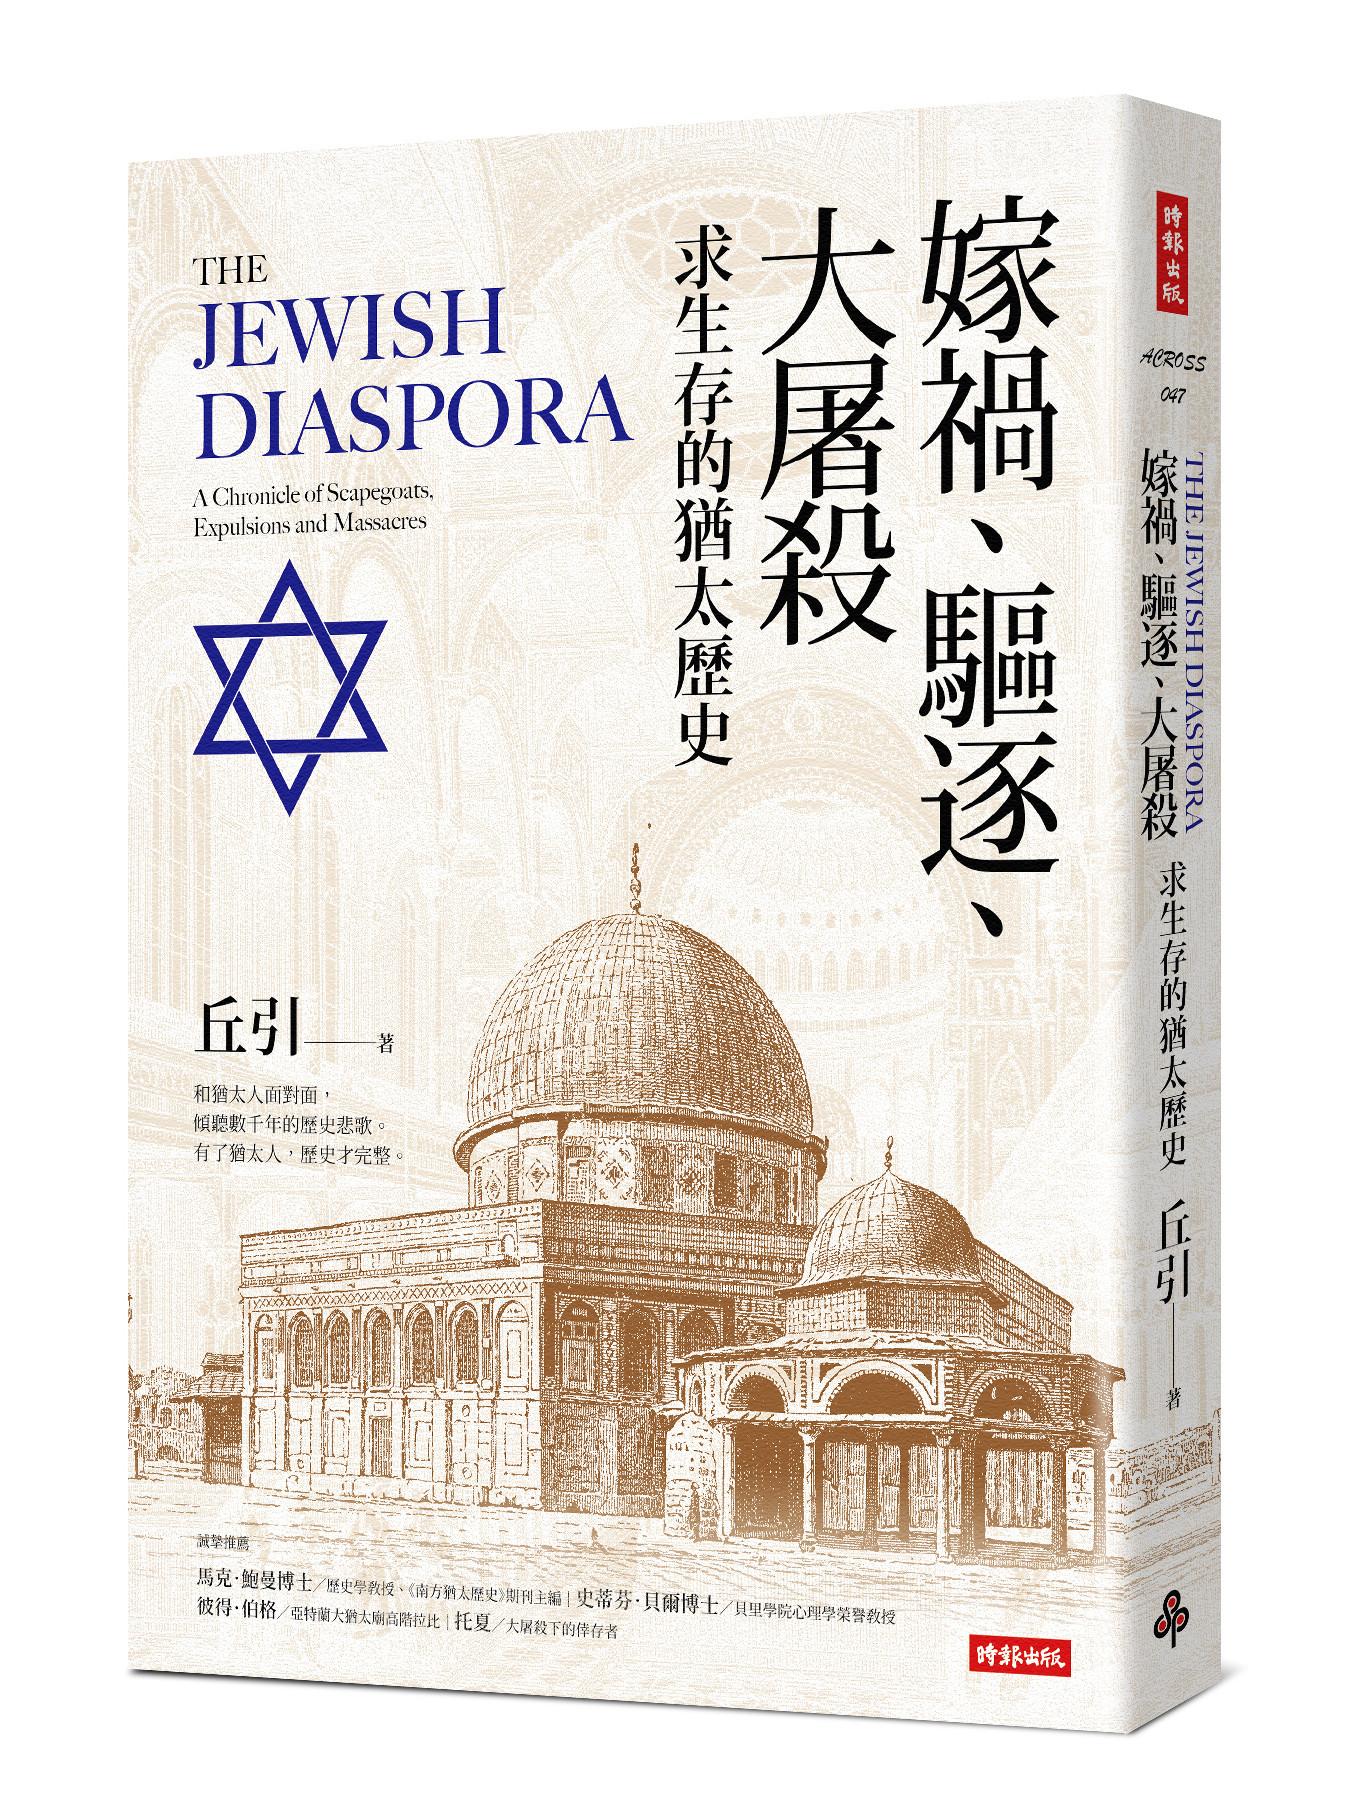 ▲▼書籍《嫁禍、驅逐、大屠殺-求生存的猶太歷史》。(圖/時報出版提供,請勿隨意翻拍,以免侵權。)